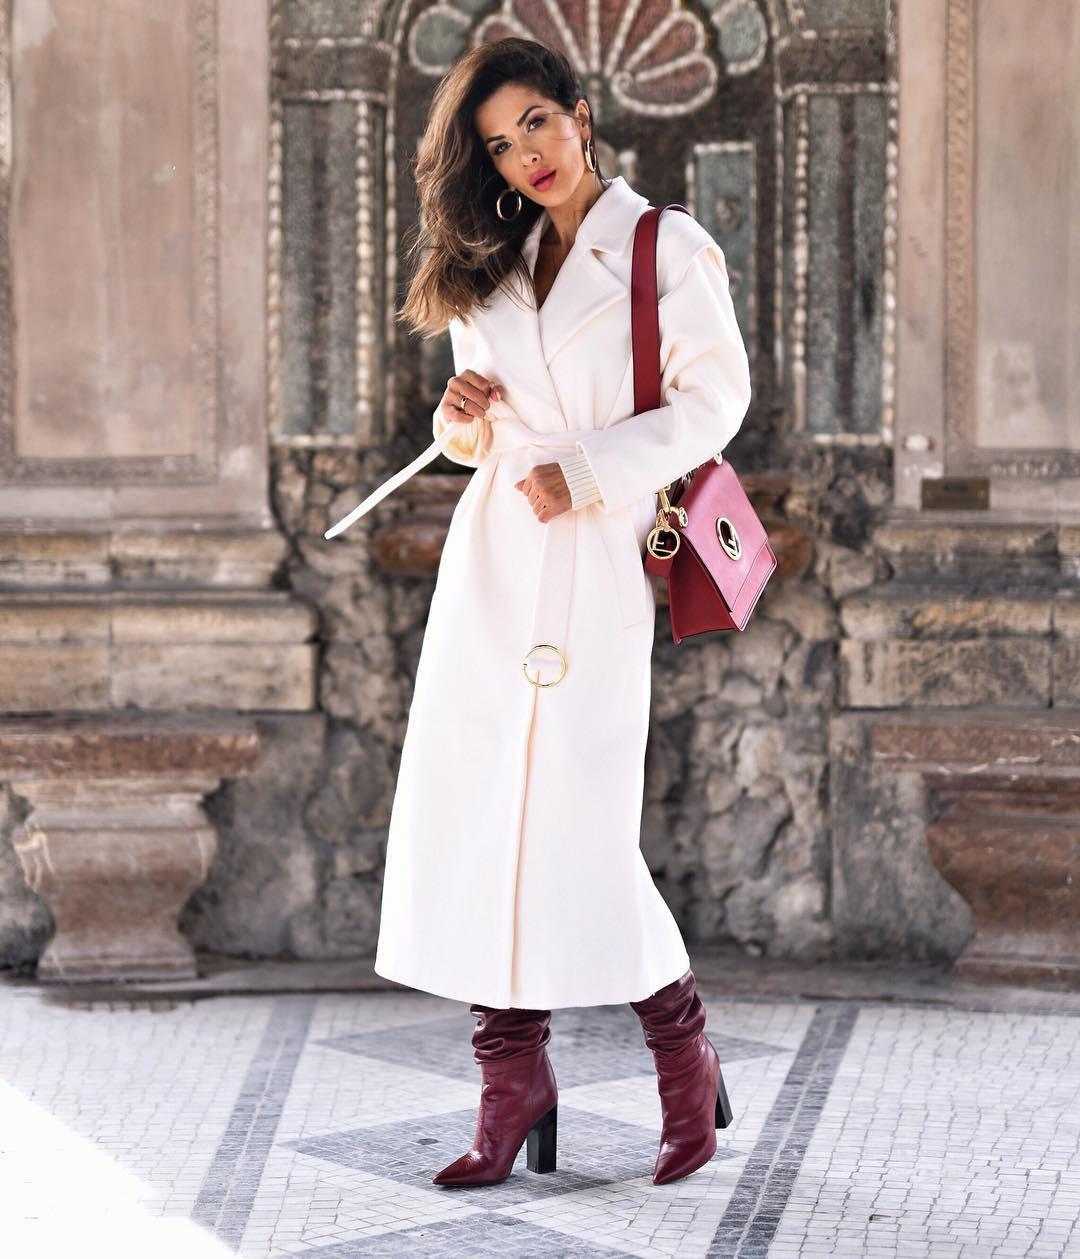 9 mẹo chọn trang phục cực đơn giản giúp chị em sang hẳn lên trong tích tắc - Ảnh 6